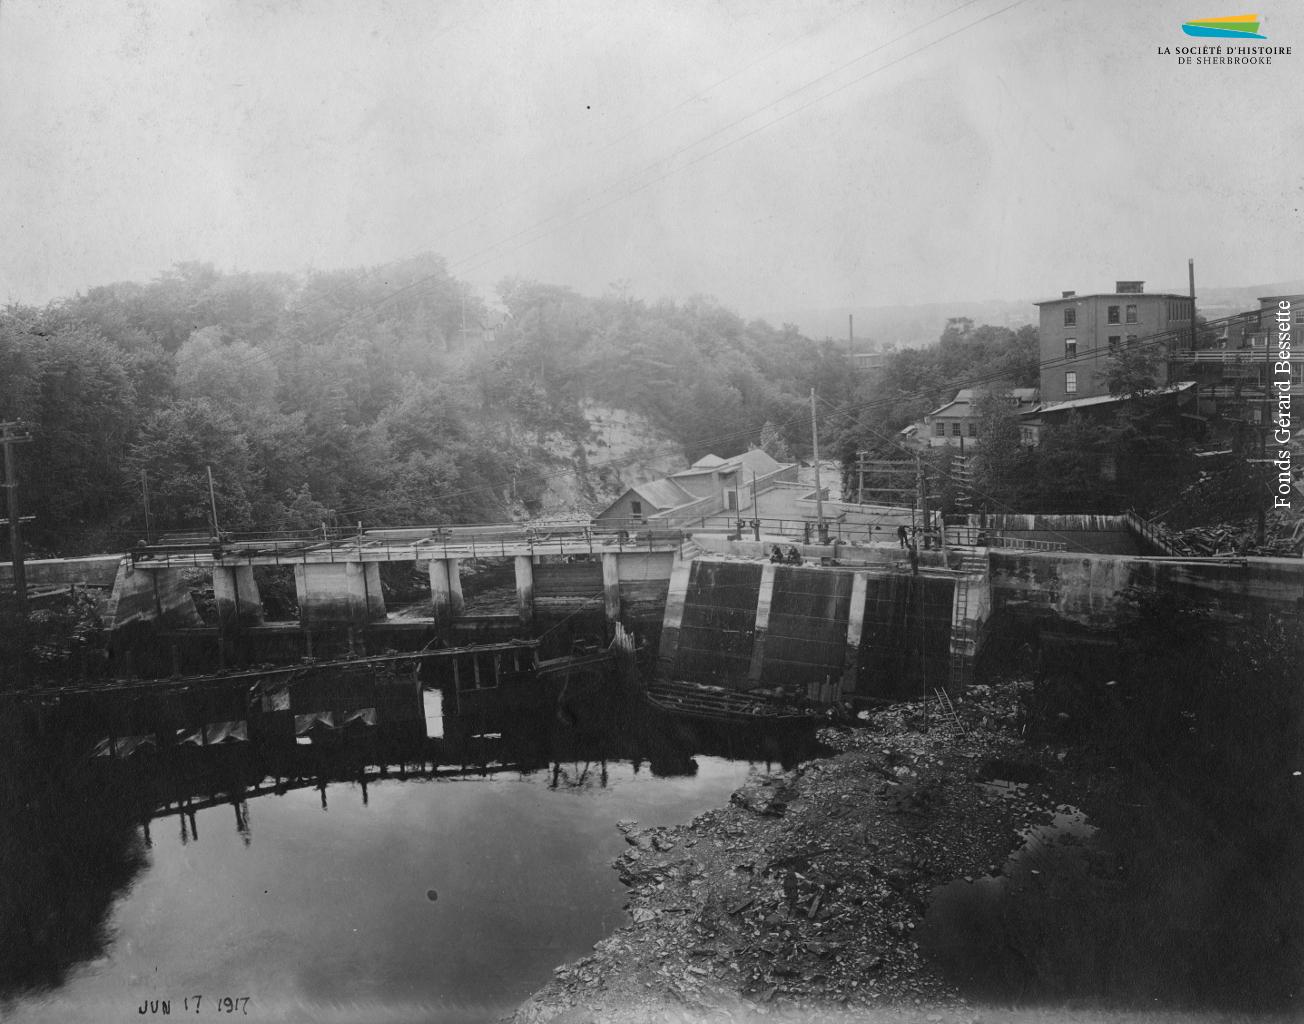 Le barrage de la centrale Frontenac, en 1917. Anciennement le barrage no 3, lequel alimente en énergie hydraulique certaines manufactures, le barrage est converti en 1888 pour produire de l'électricité.